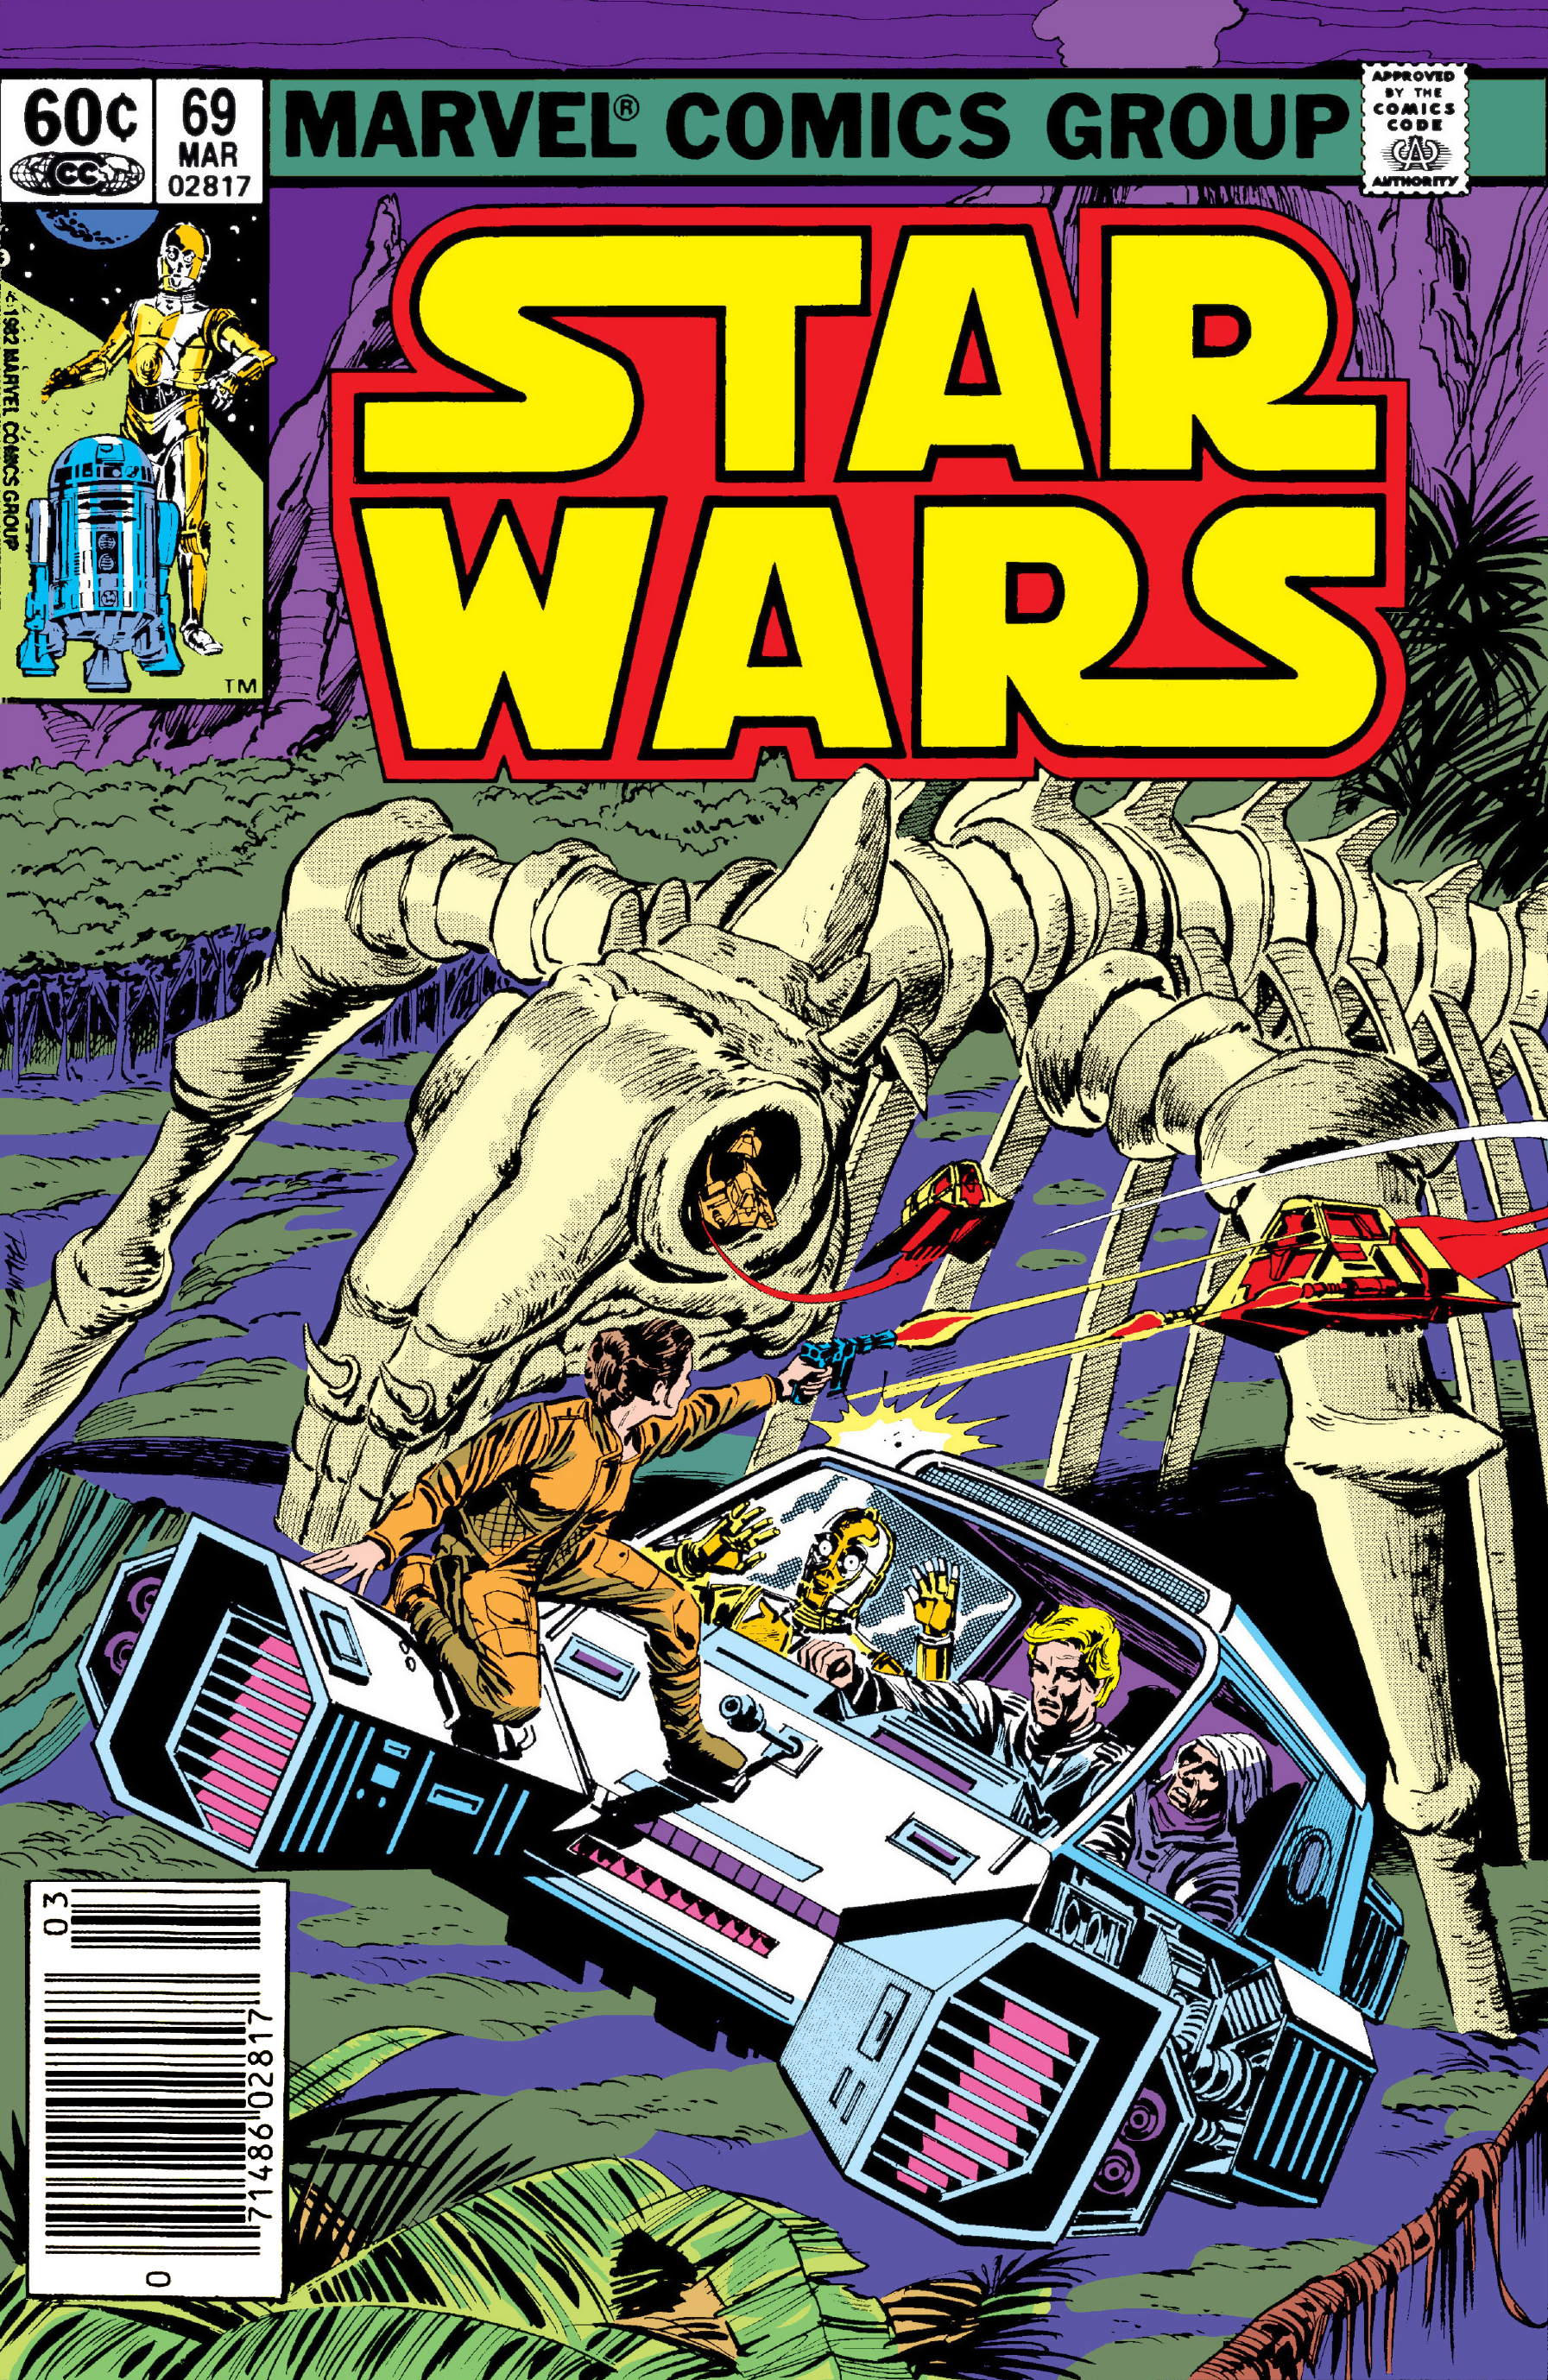 Звёздные войны, выпуск 69: Смерть в Городе костей